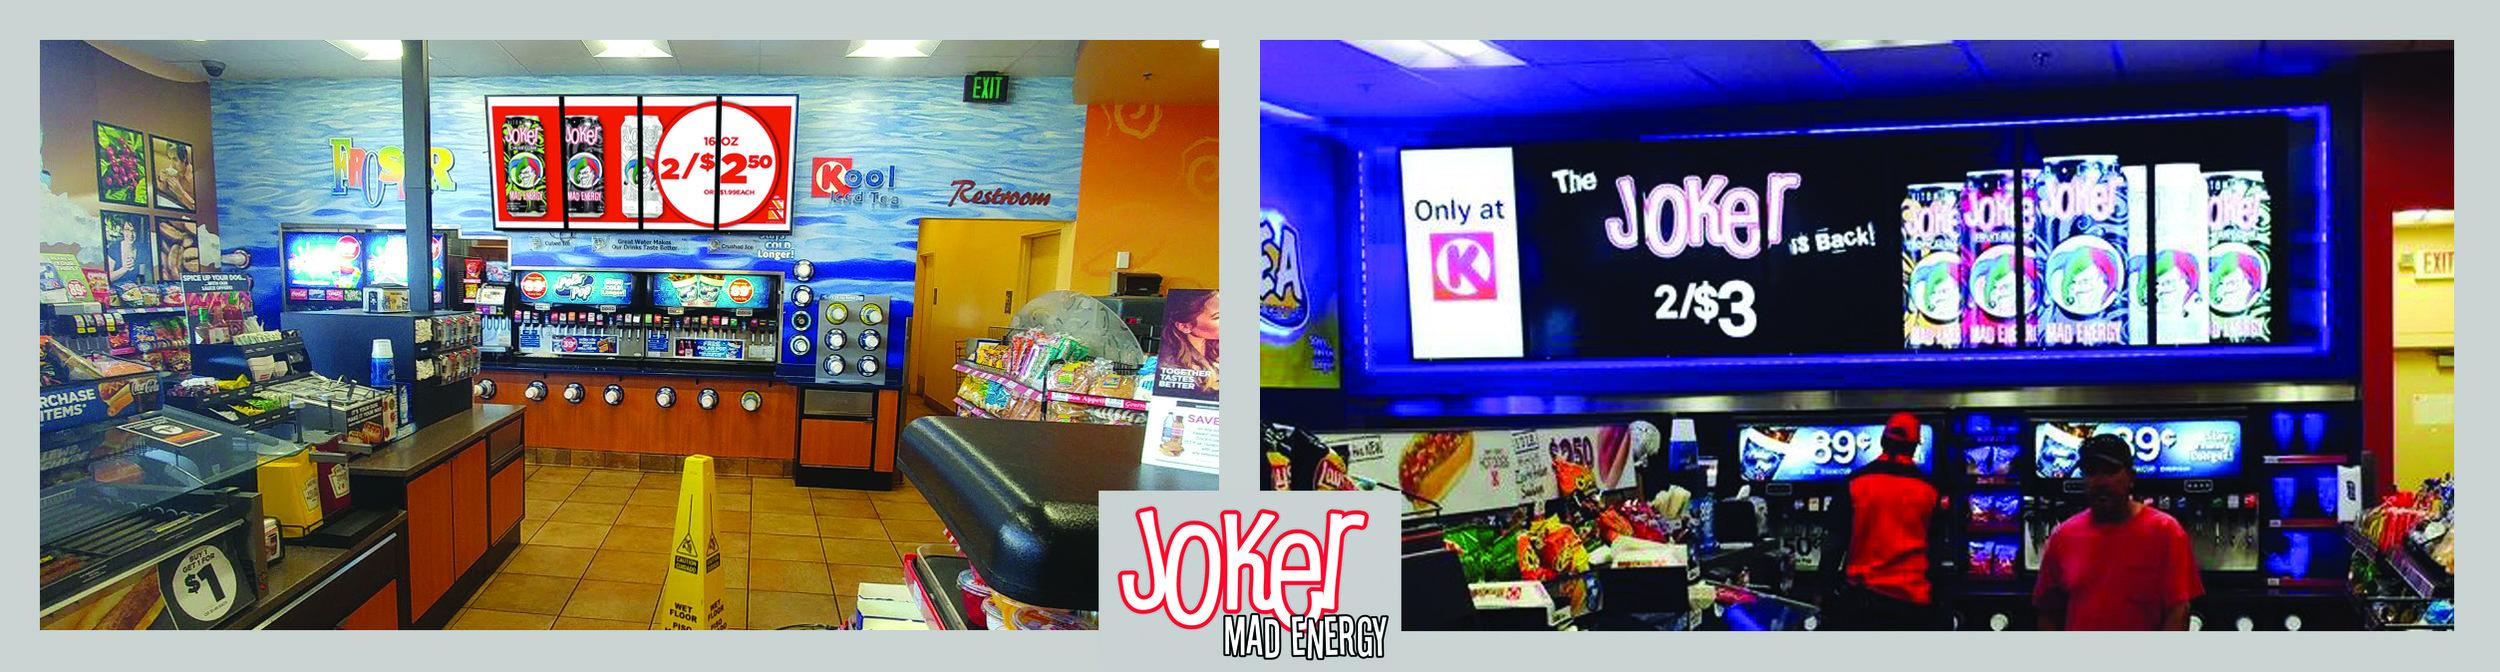 JokerLayout.jpg